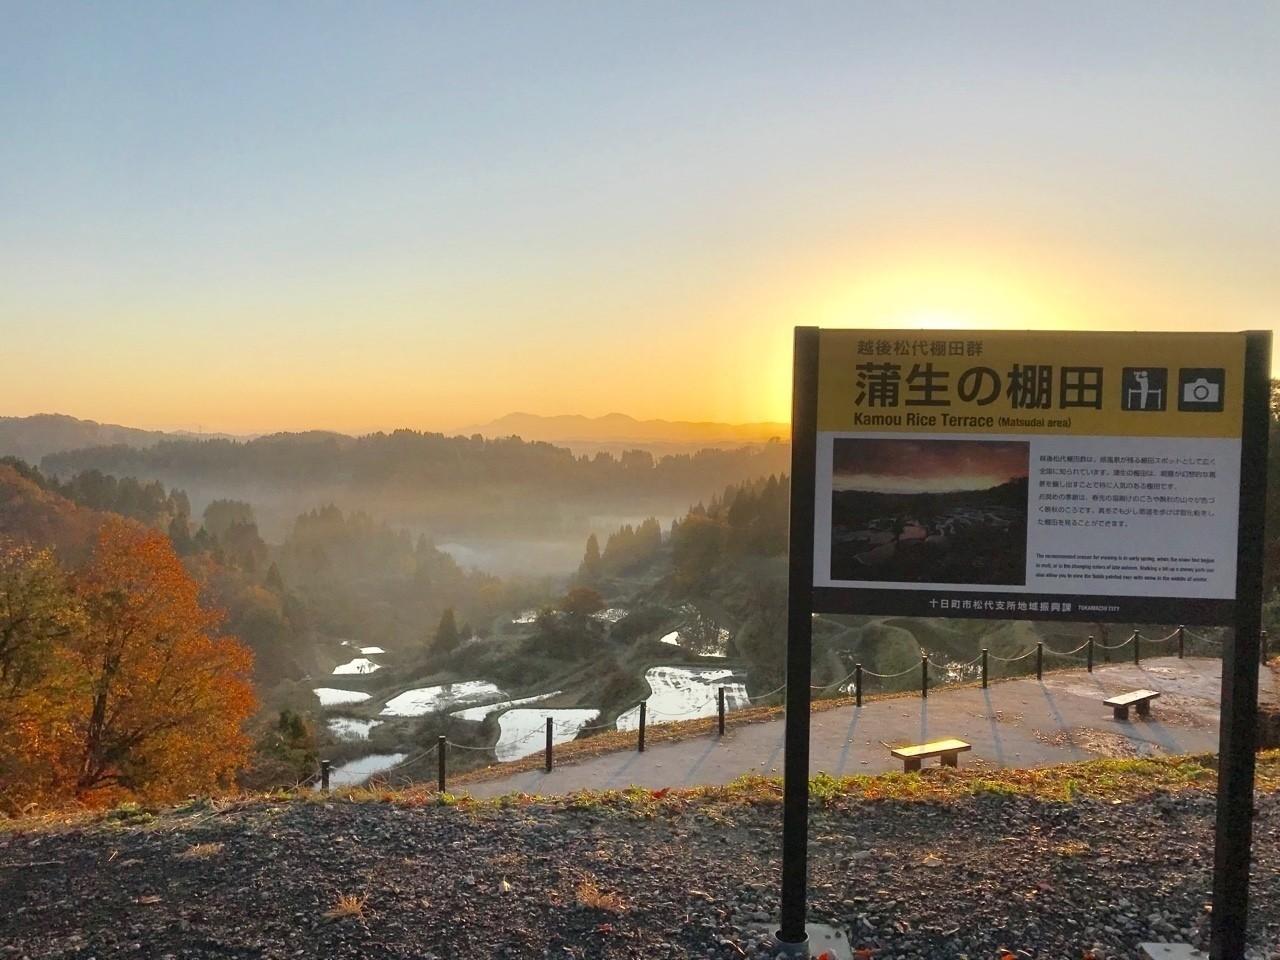 蒲生の棚田の朝日。 芝峠温泉雲海の宿泊客も撮影しに訪れていました。